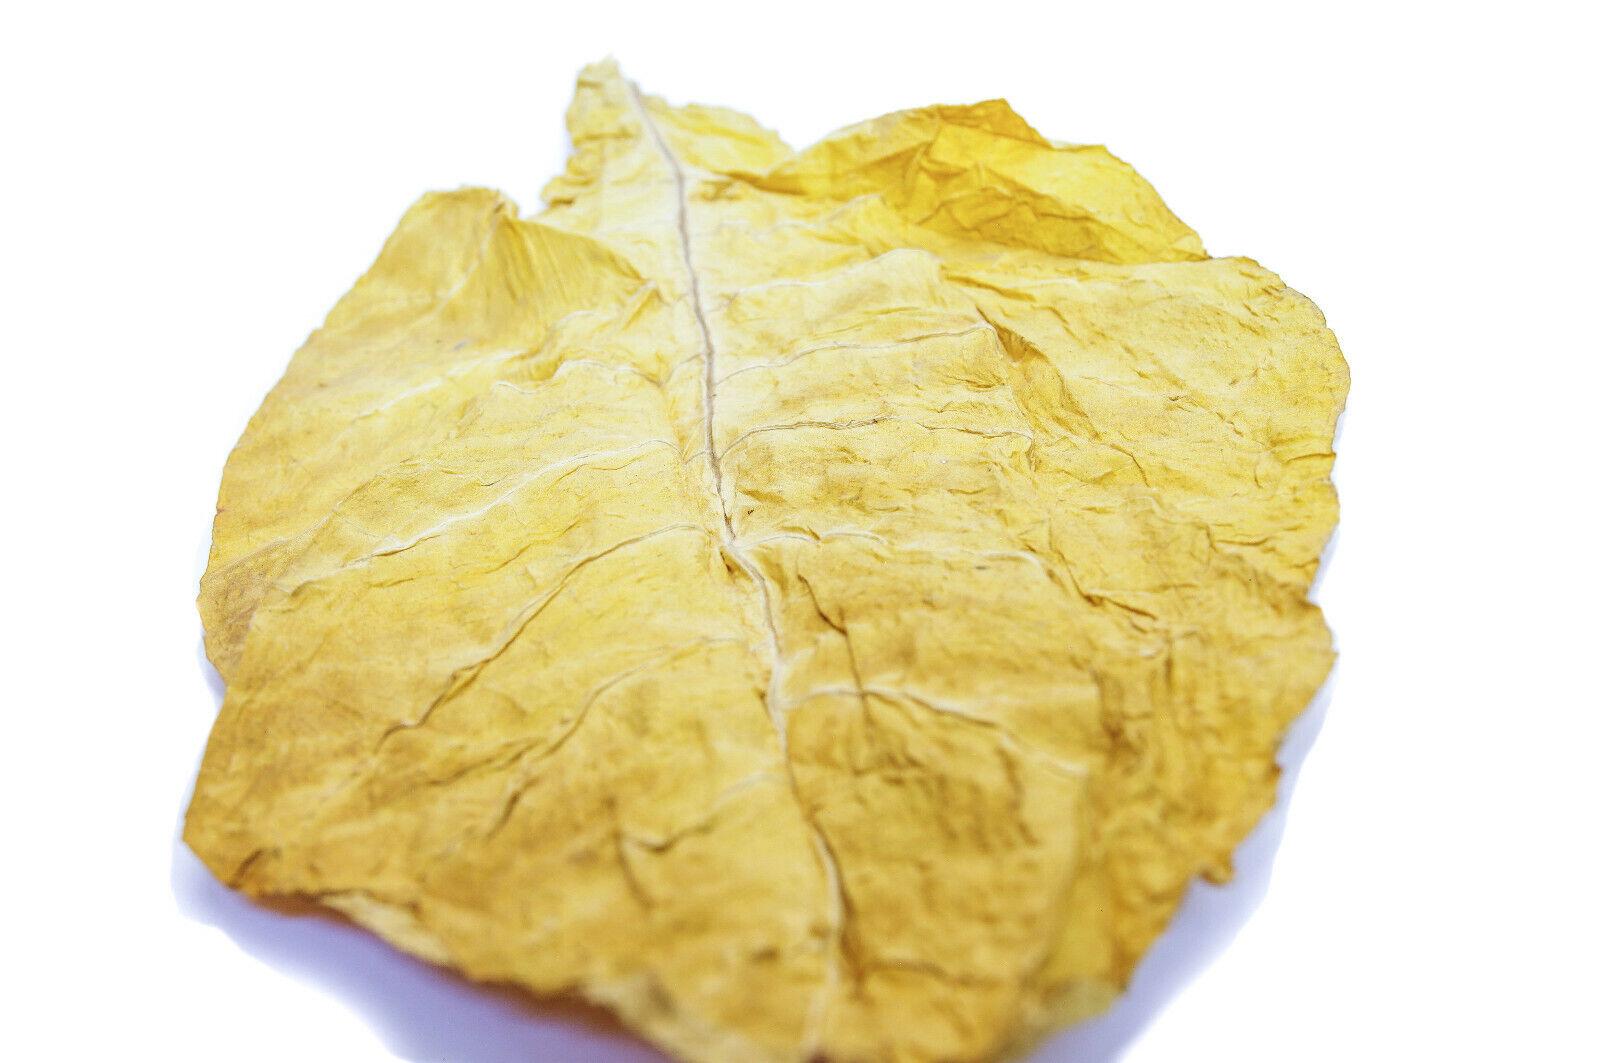 Virginia Gold Klasse 1 Tabakblätter Rohtabak Blätter Duft & Deko